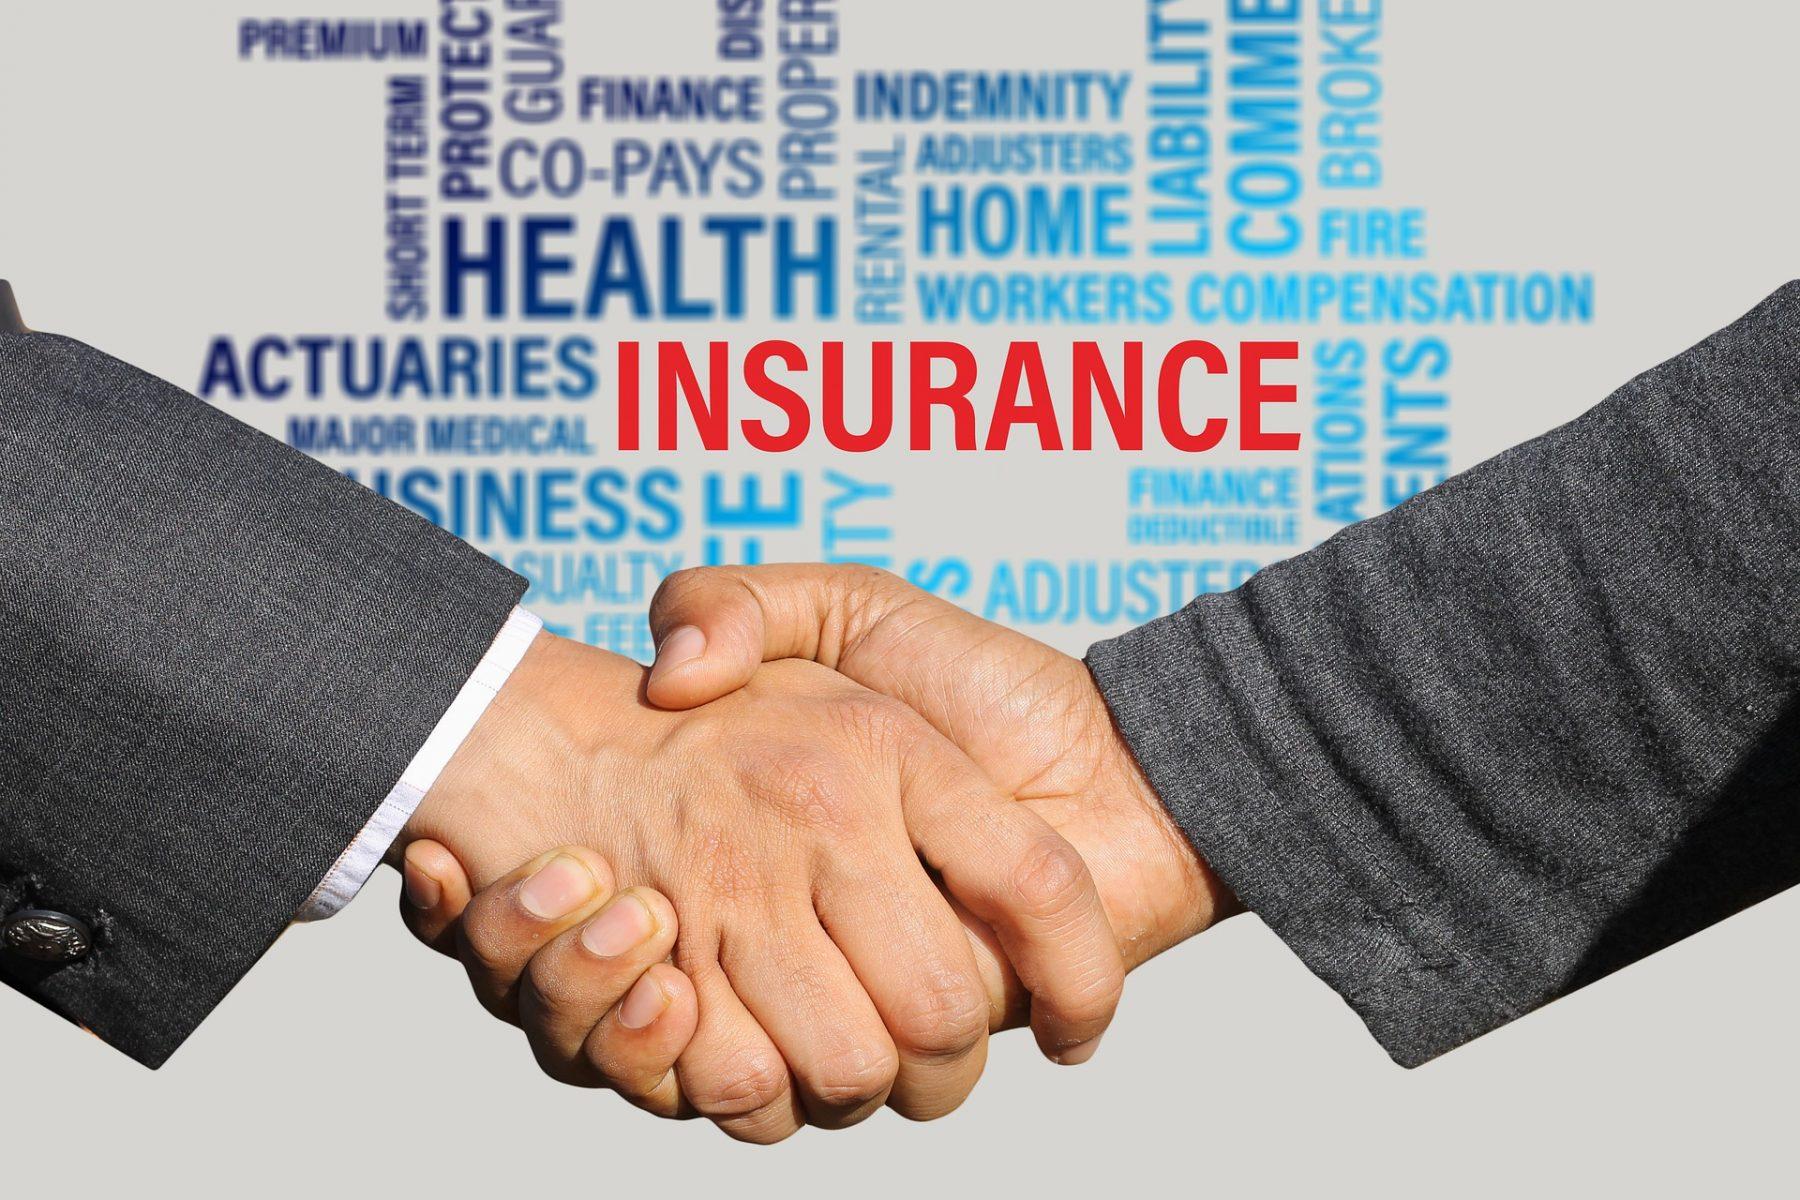 Ασφαλιστικές ΗΠΑ Covid-19: Η πανδημία ήταν καλή για τις επιχειρήσεις στον κλάδο ασφάλισης υγείας